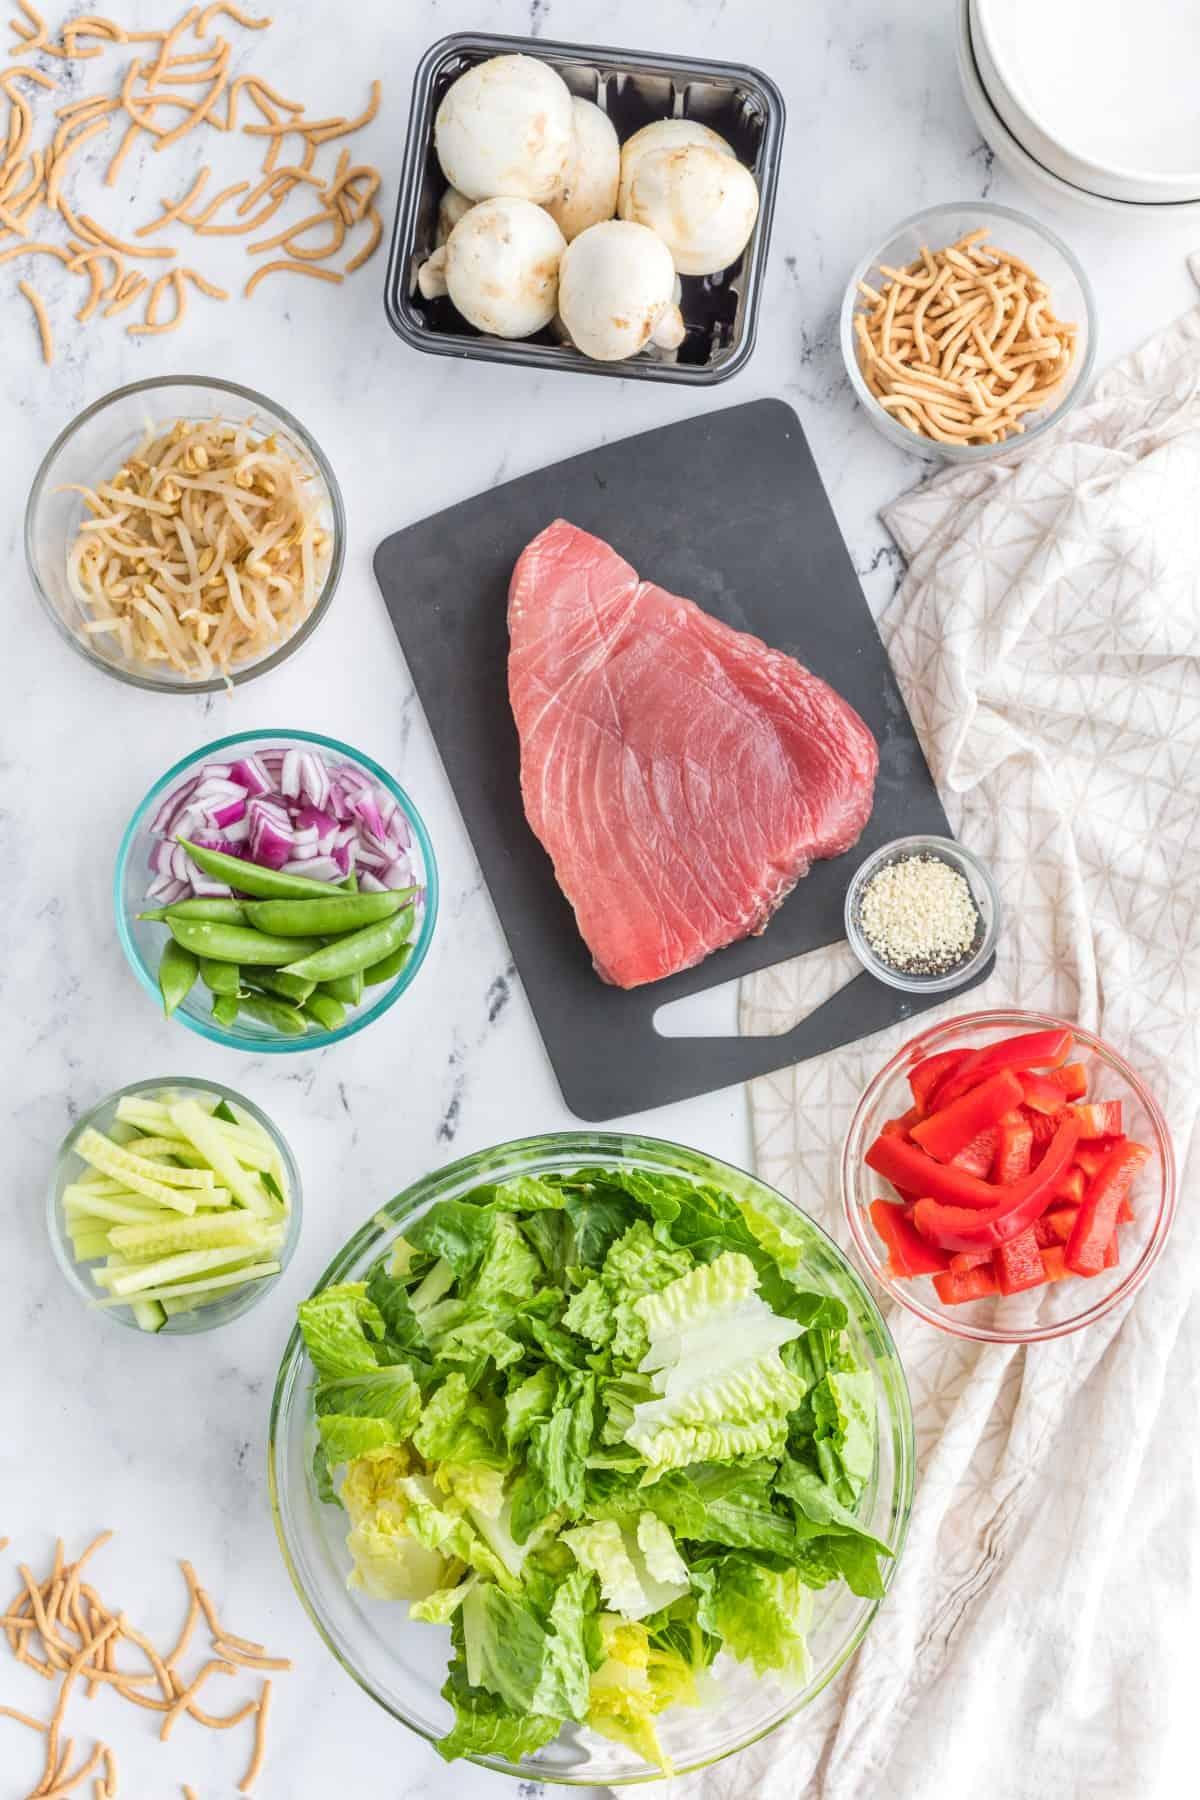 Ingredients for Ahi Tuna Salad